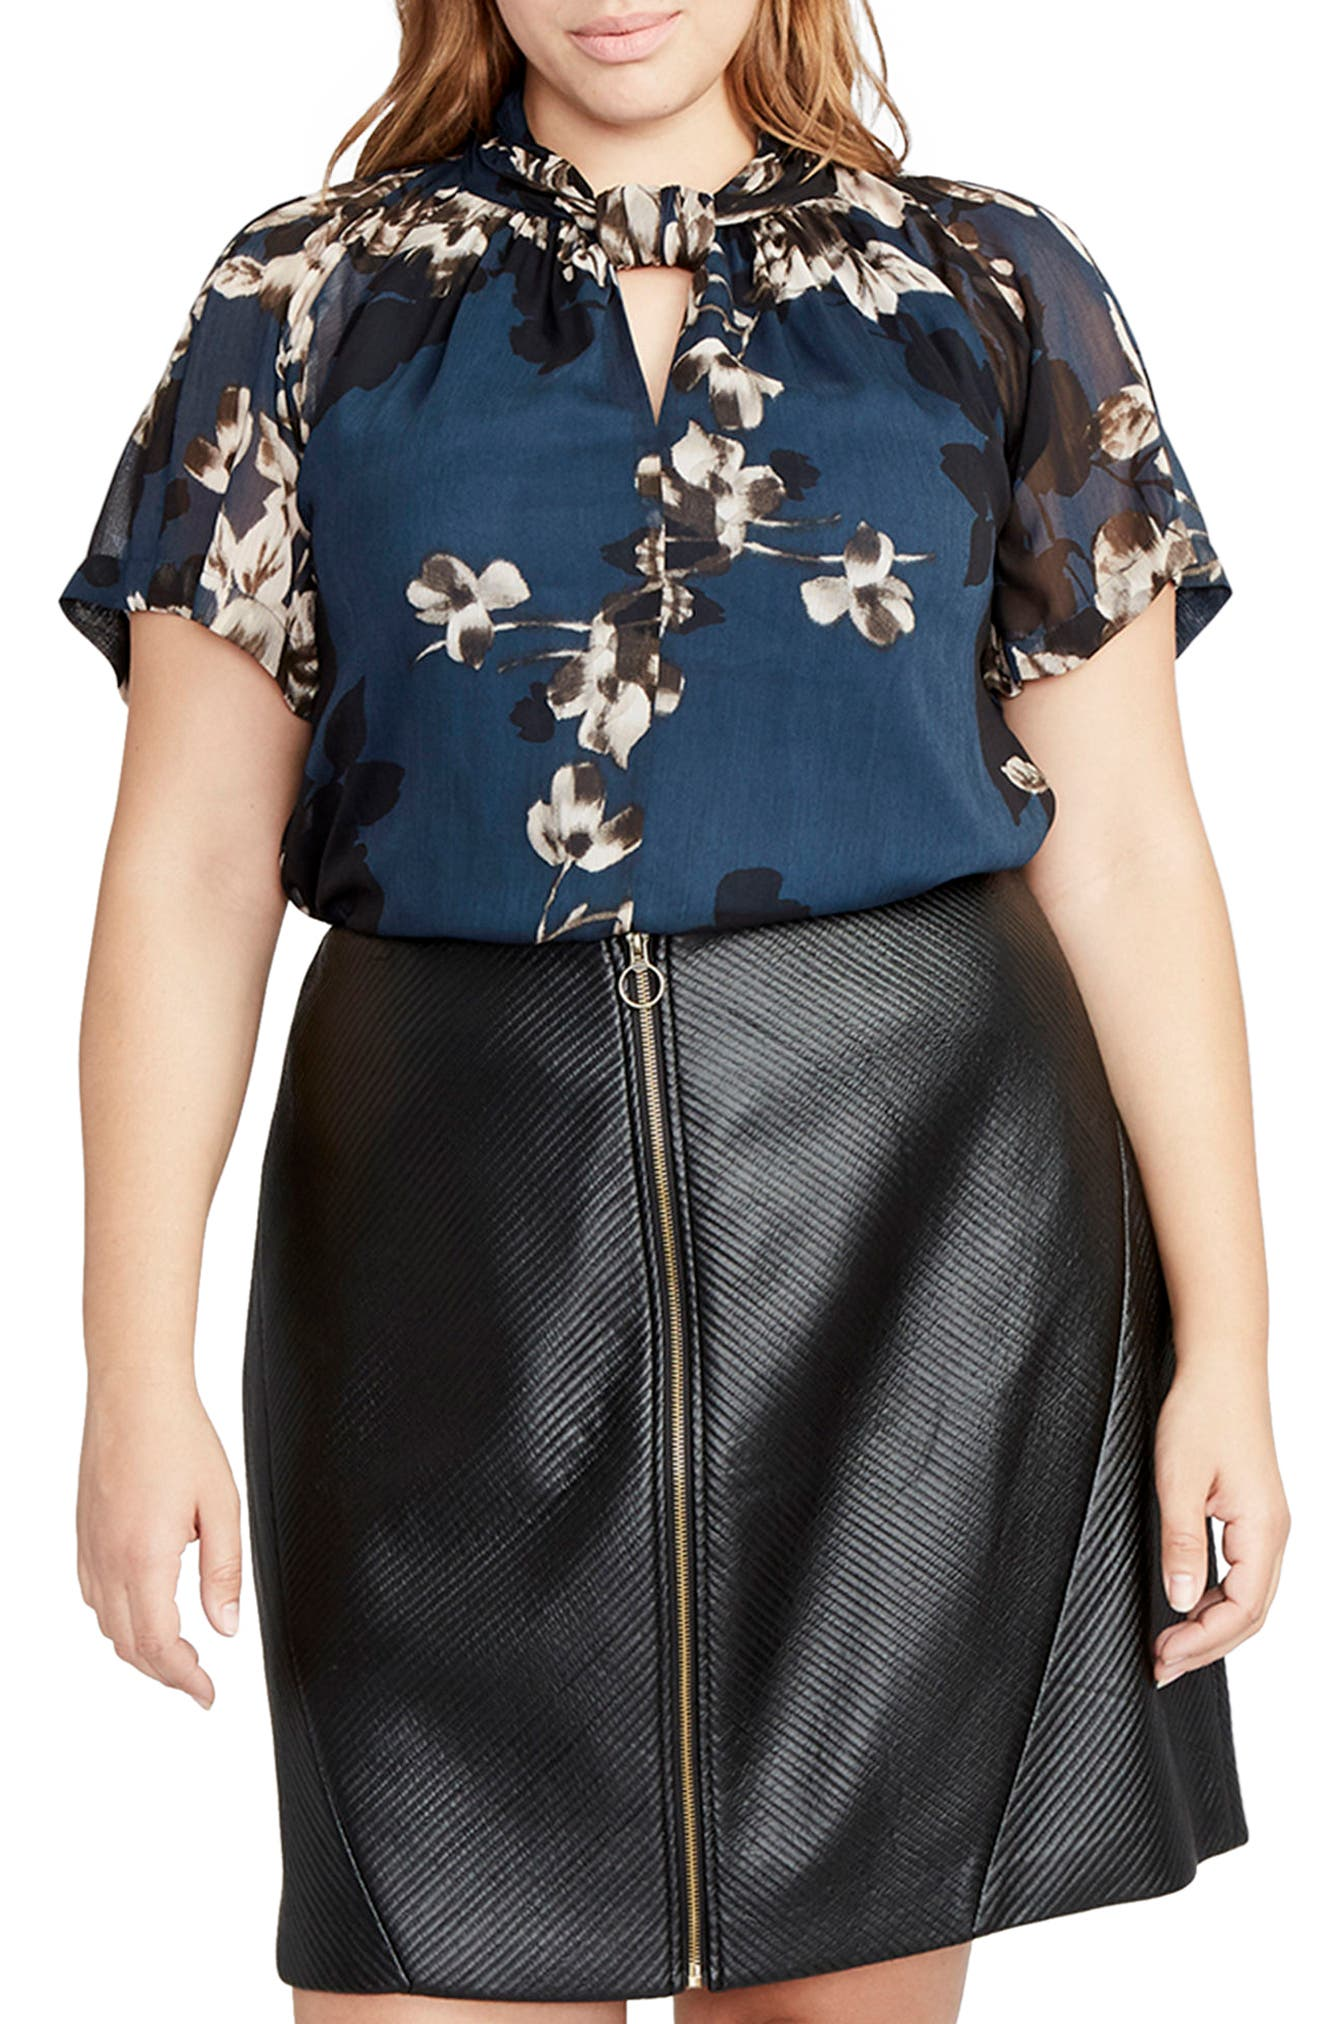 RACHEL Rachel Roy Kimono Print Chiffon Top (Plus Size)